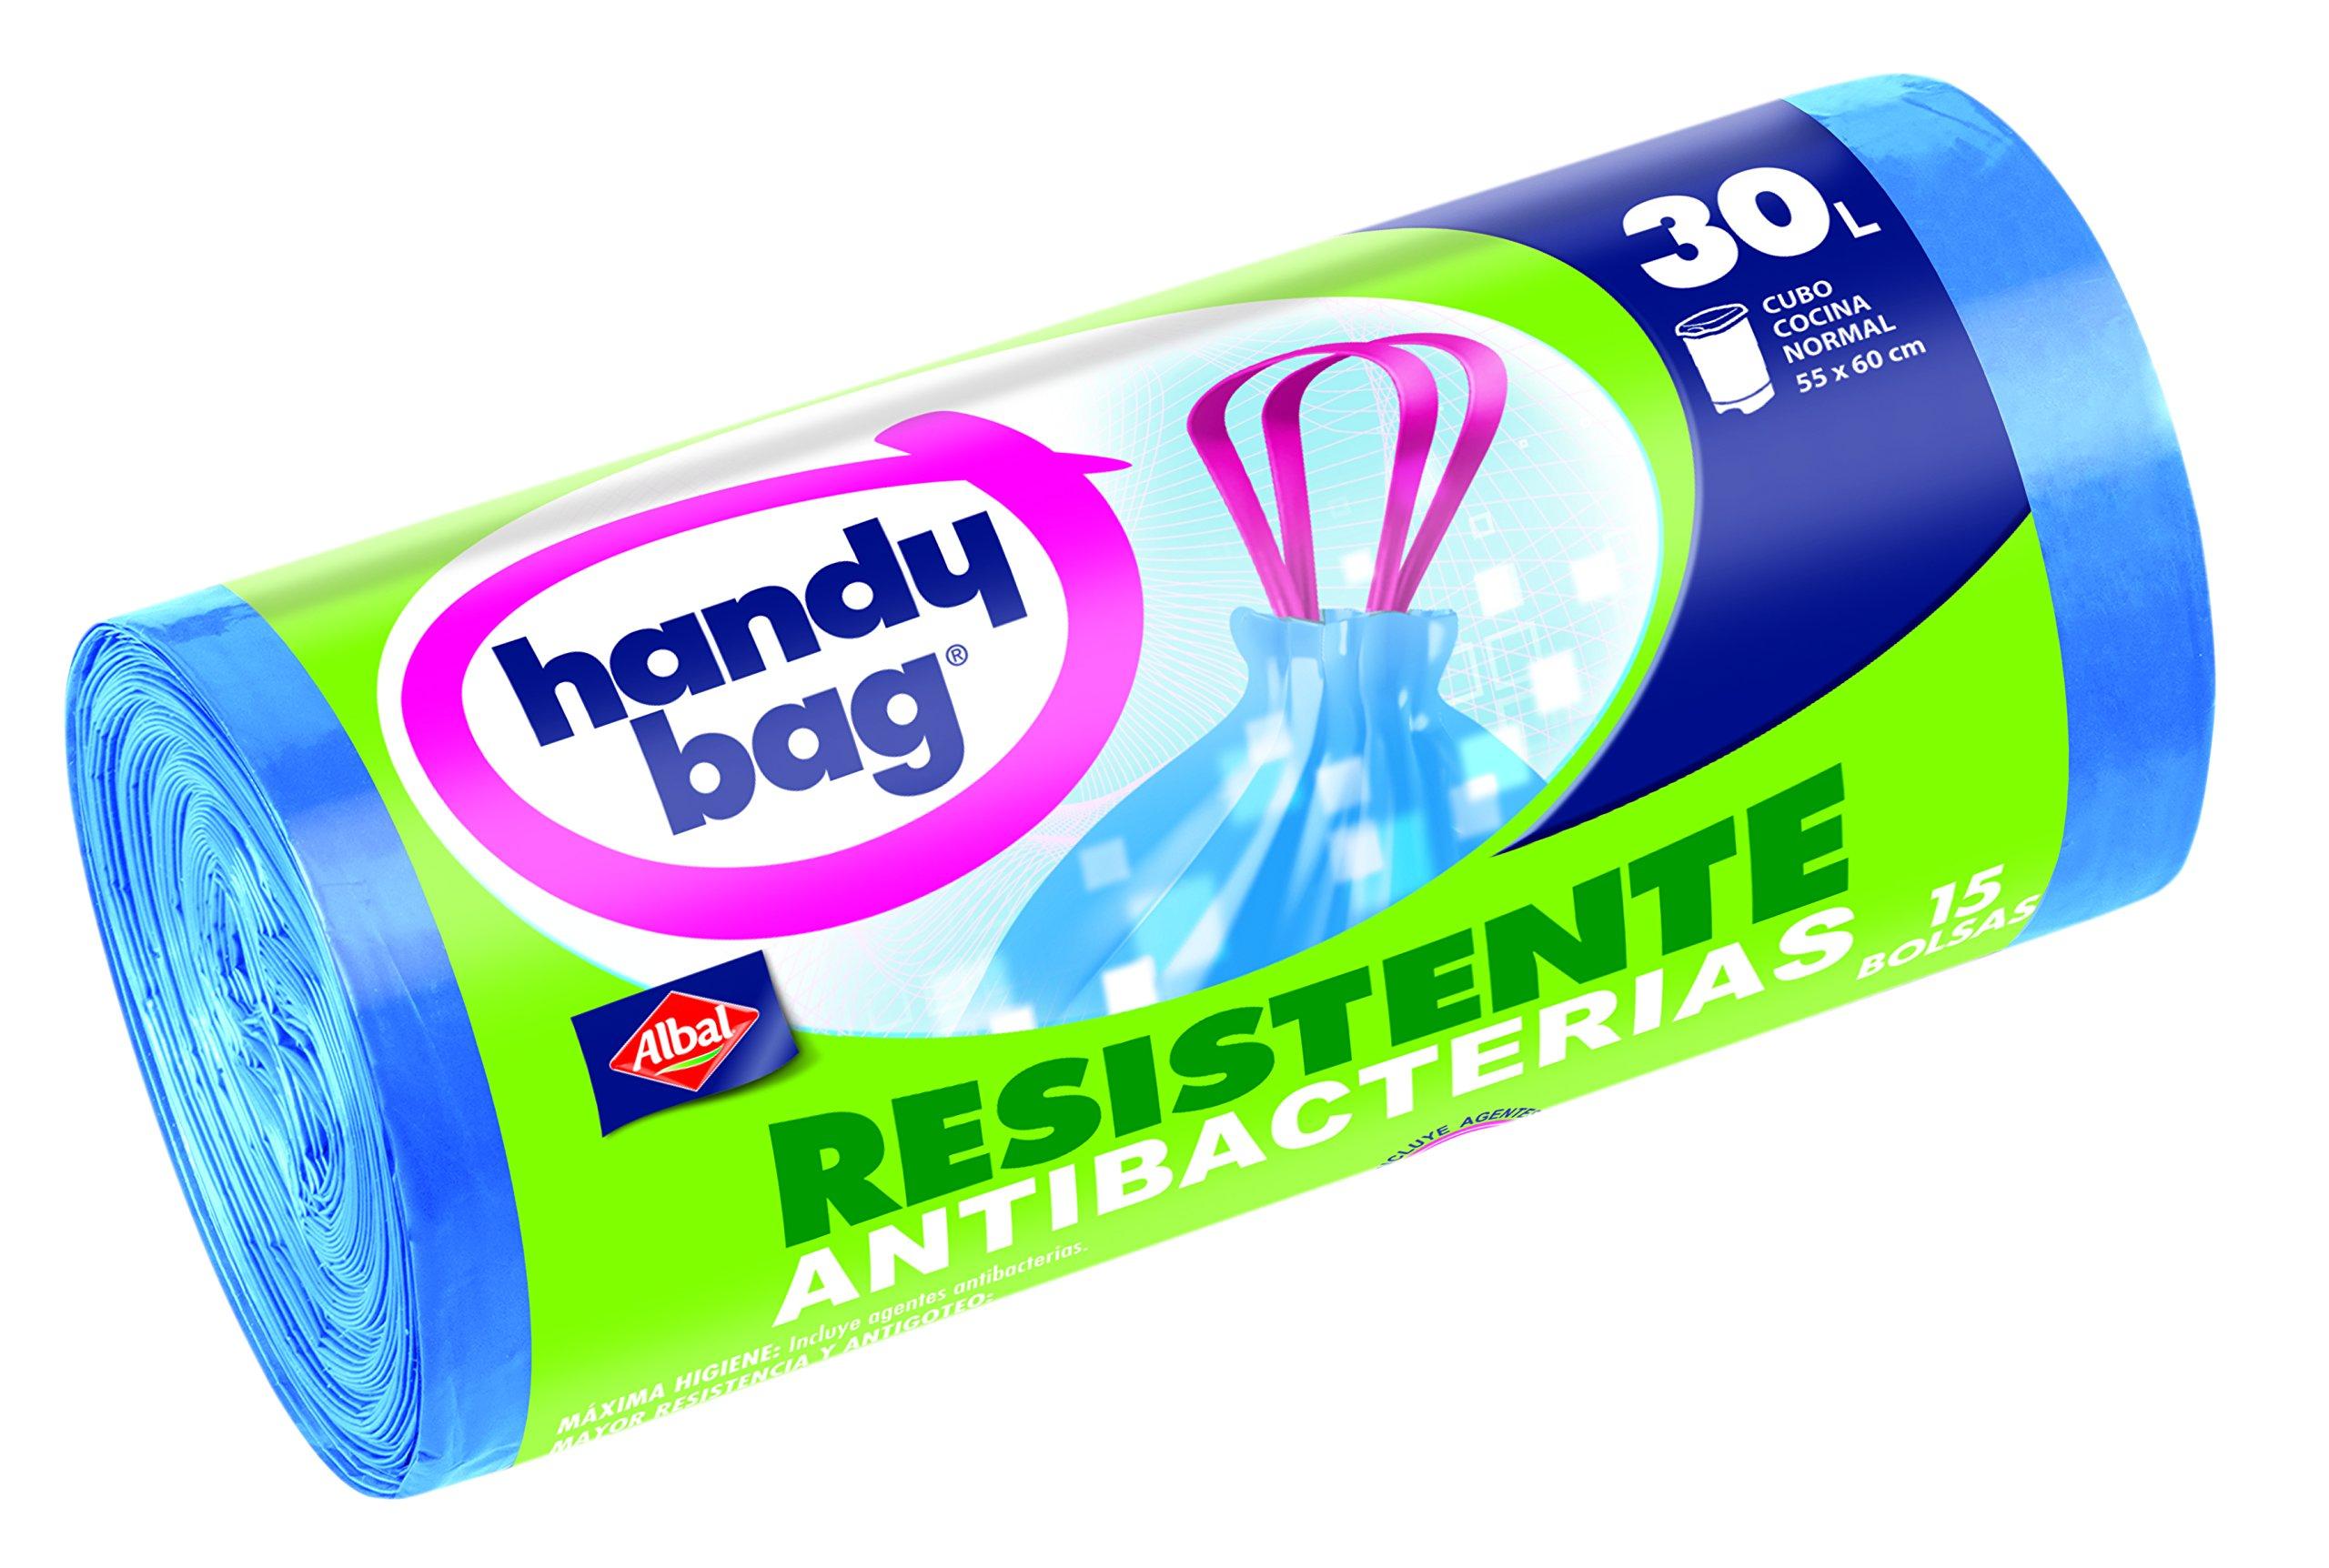 Handy Bag Bolsas de Basura, 30 l, con Autocierre - 15 Unidades product image